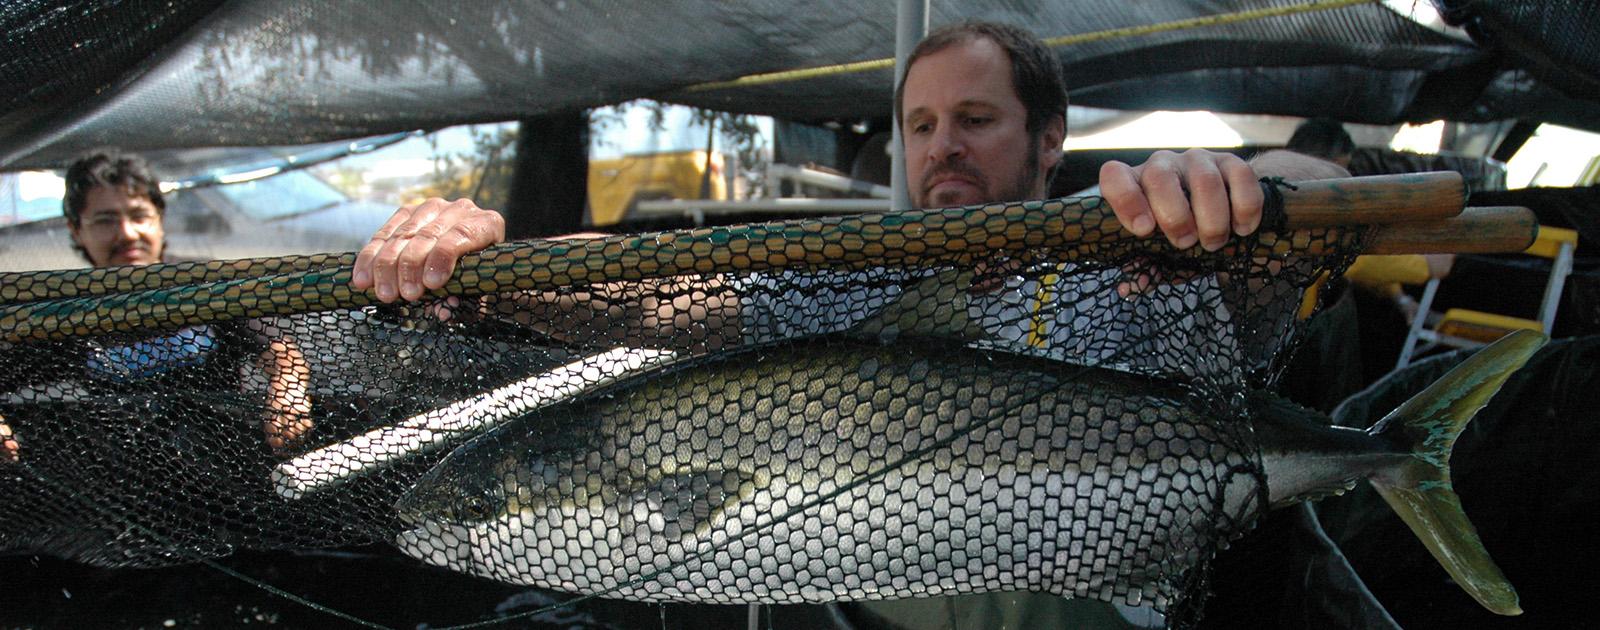 invetigacion-cultivo-peces-cicese-mexico.jpg